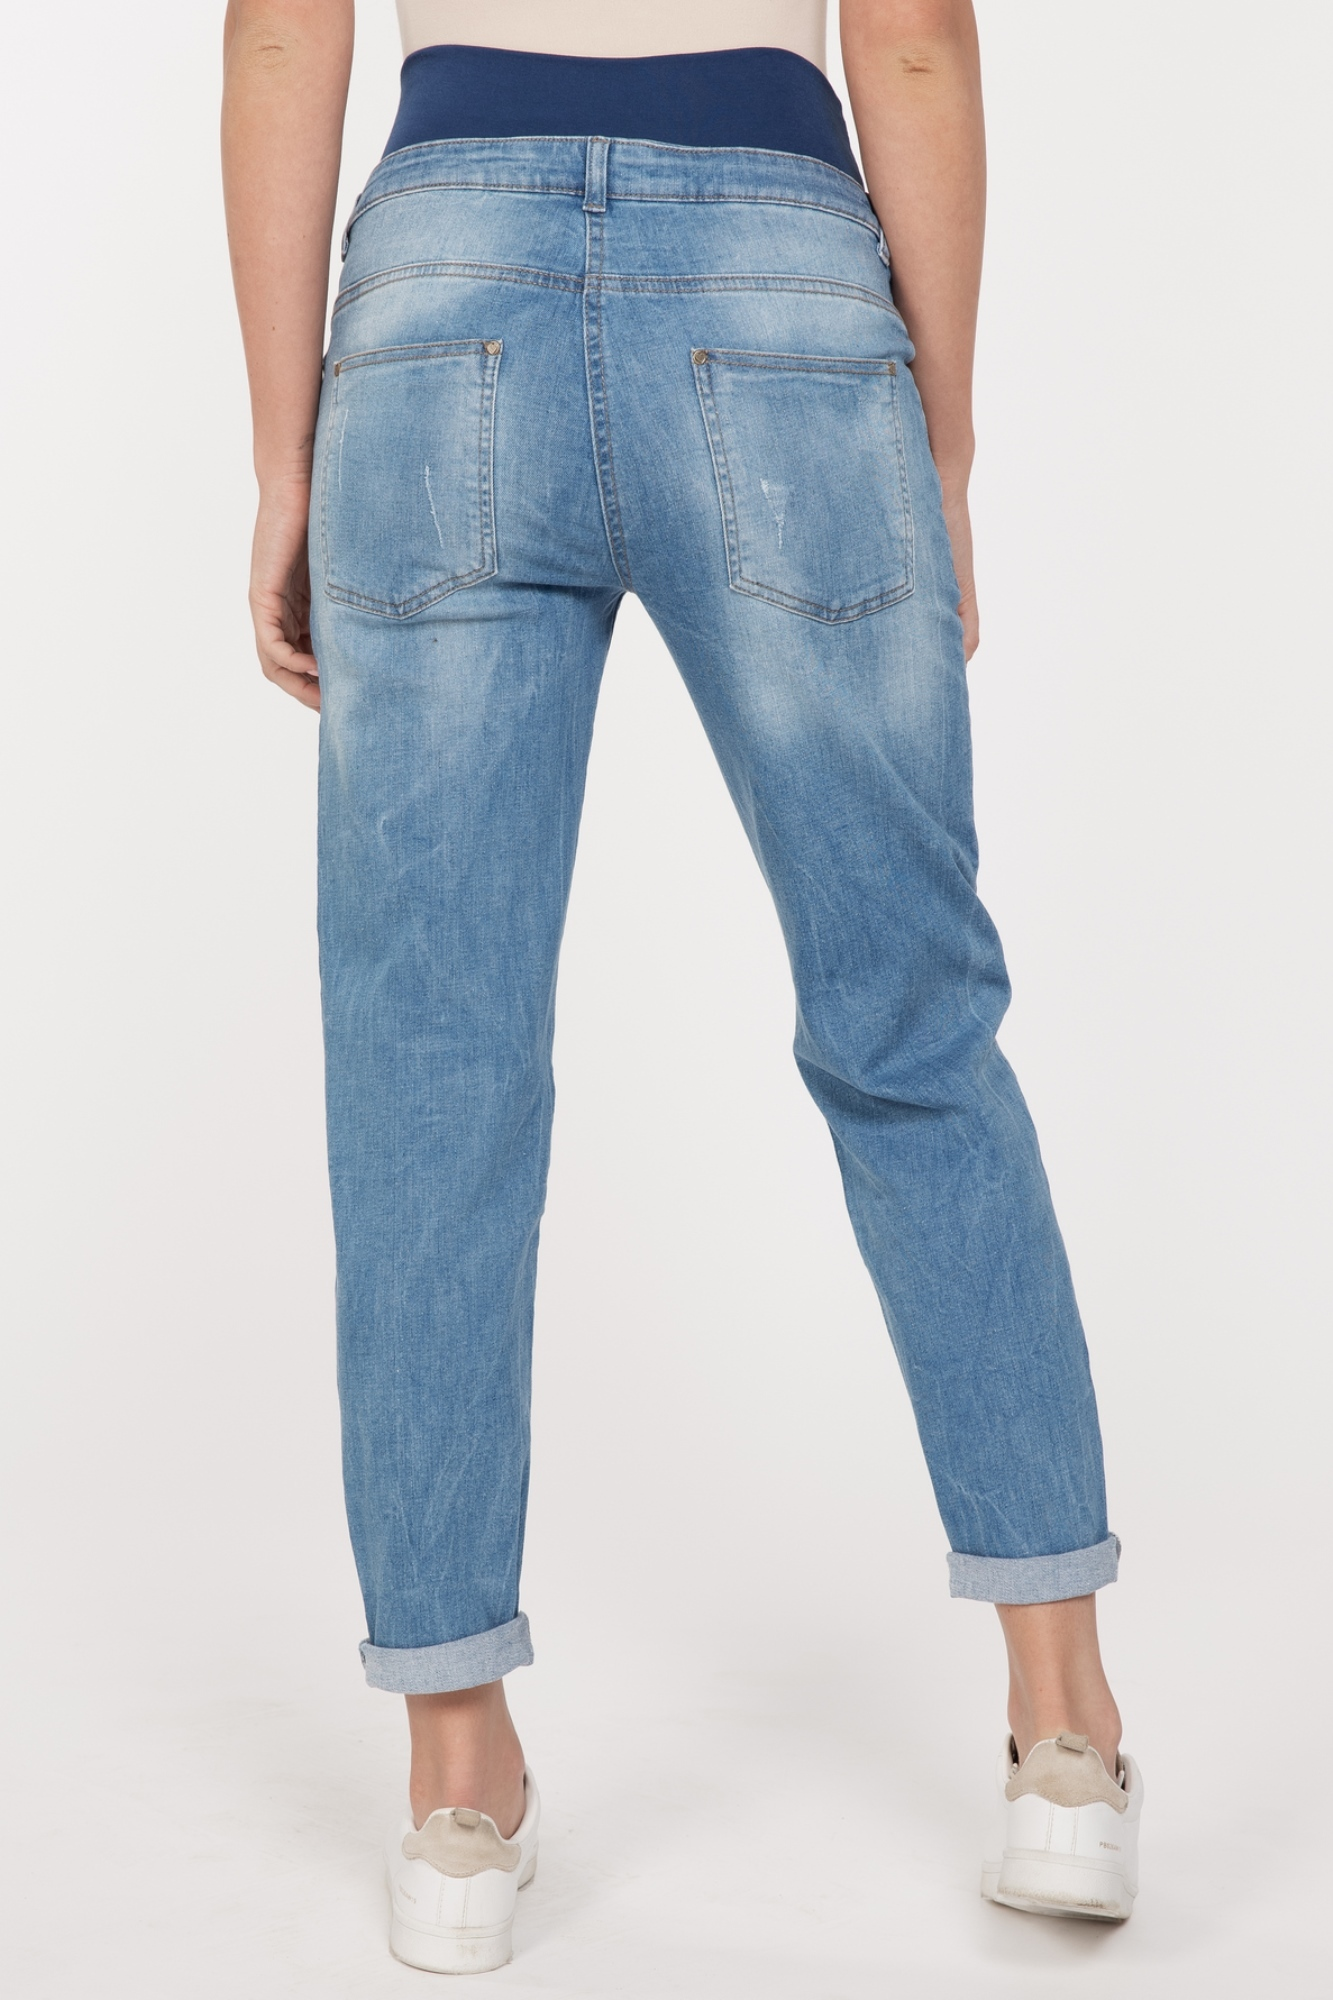 Фото джинсы-бойфренды для беременных MAMA`S FANTASY, высокая вставка, регулируемый объем от магазина СкороМама, синий, размеры.